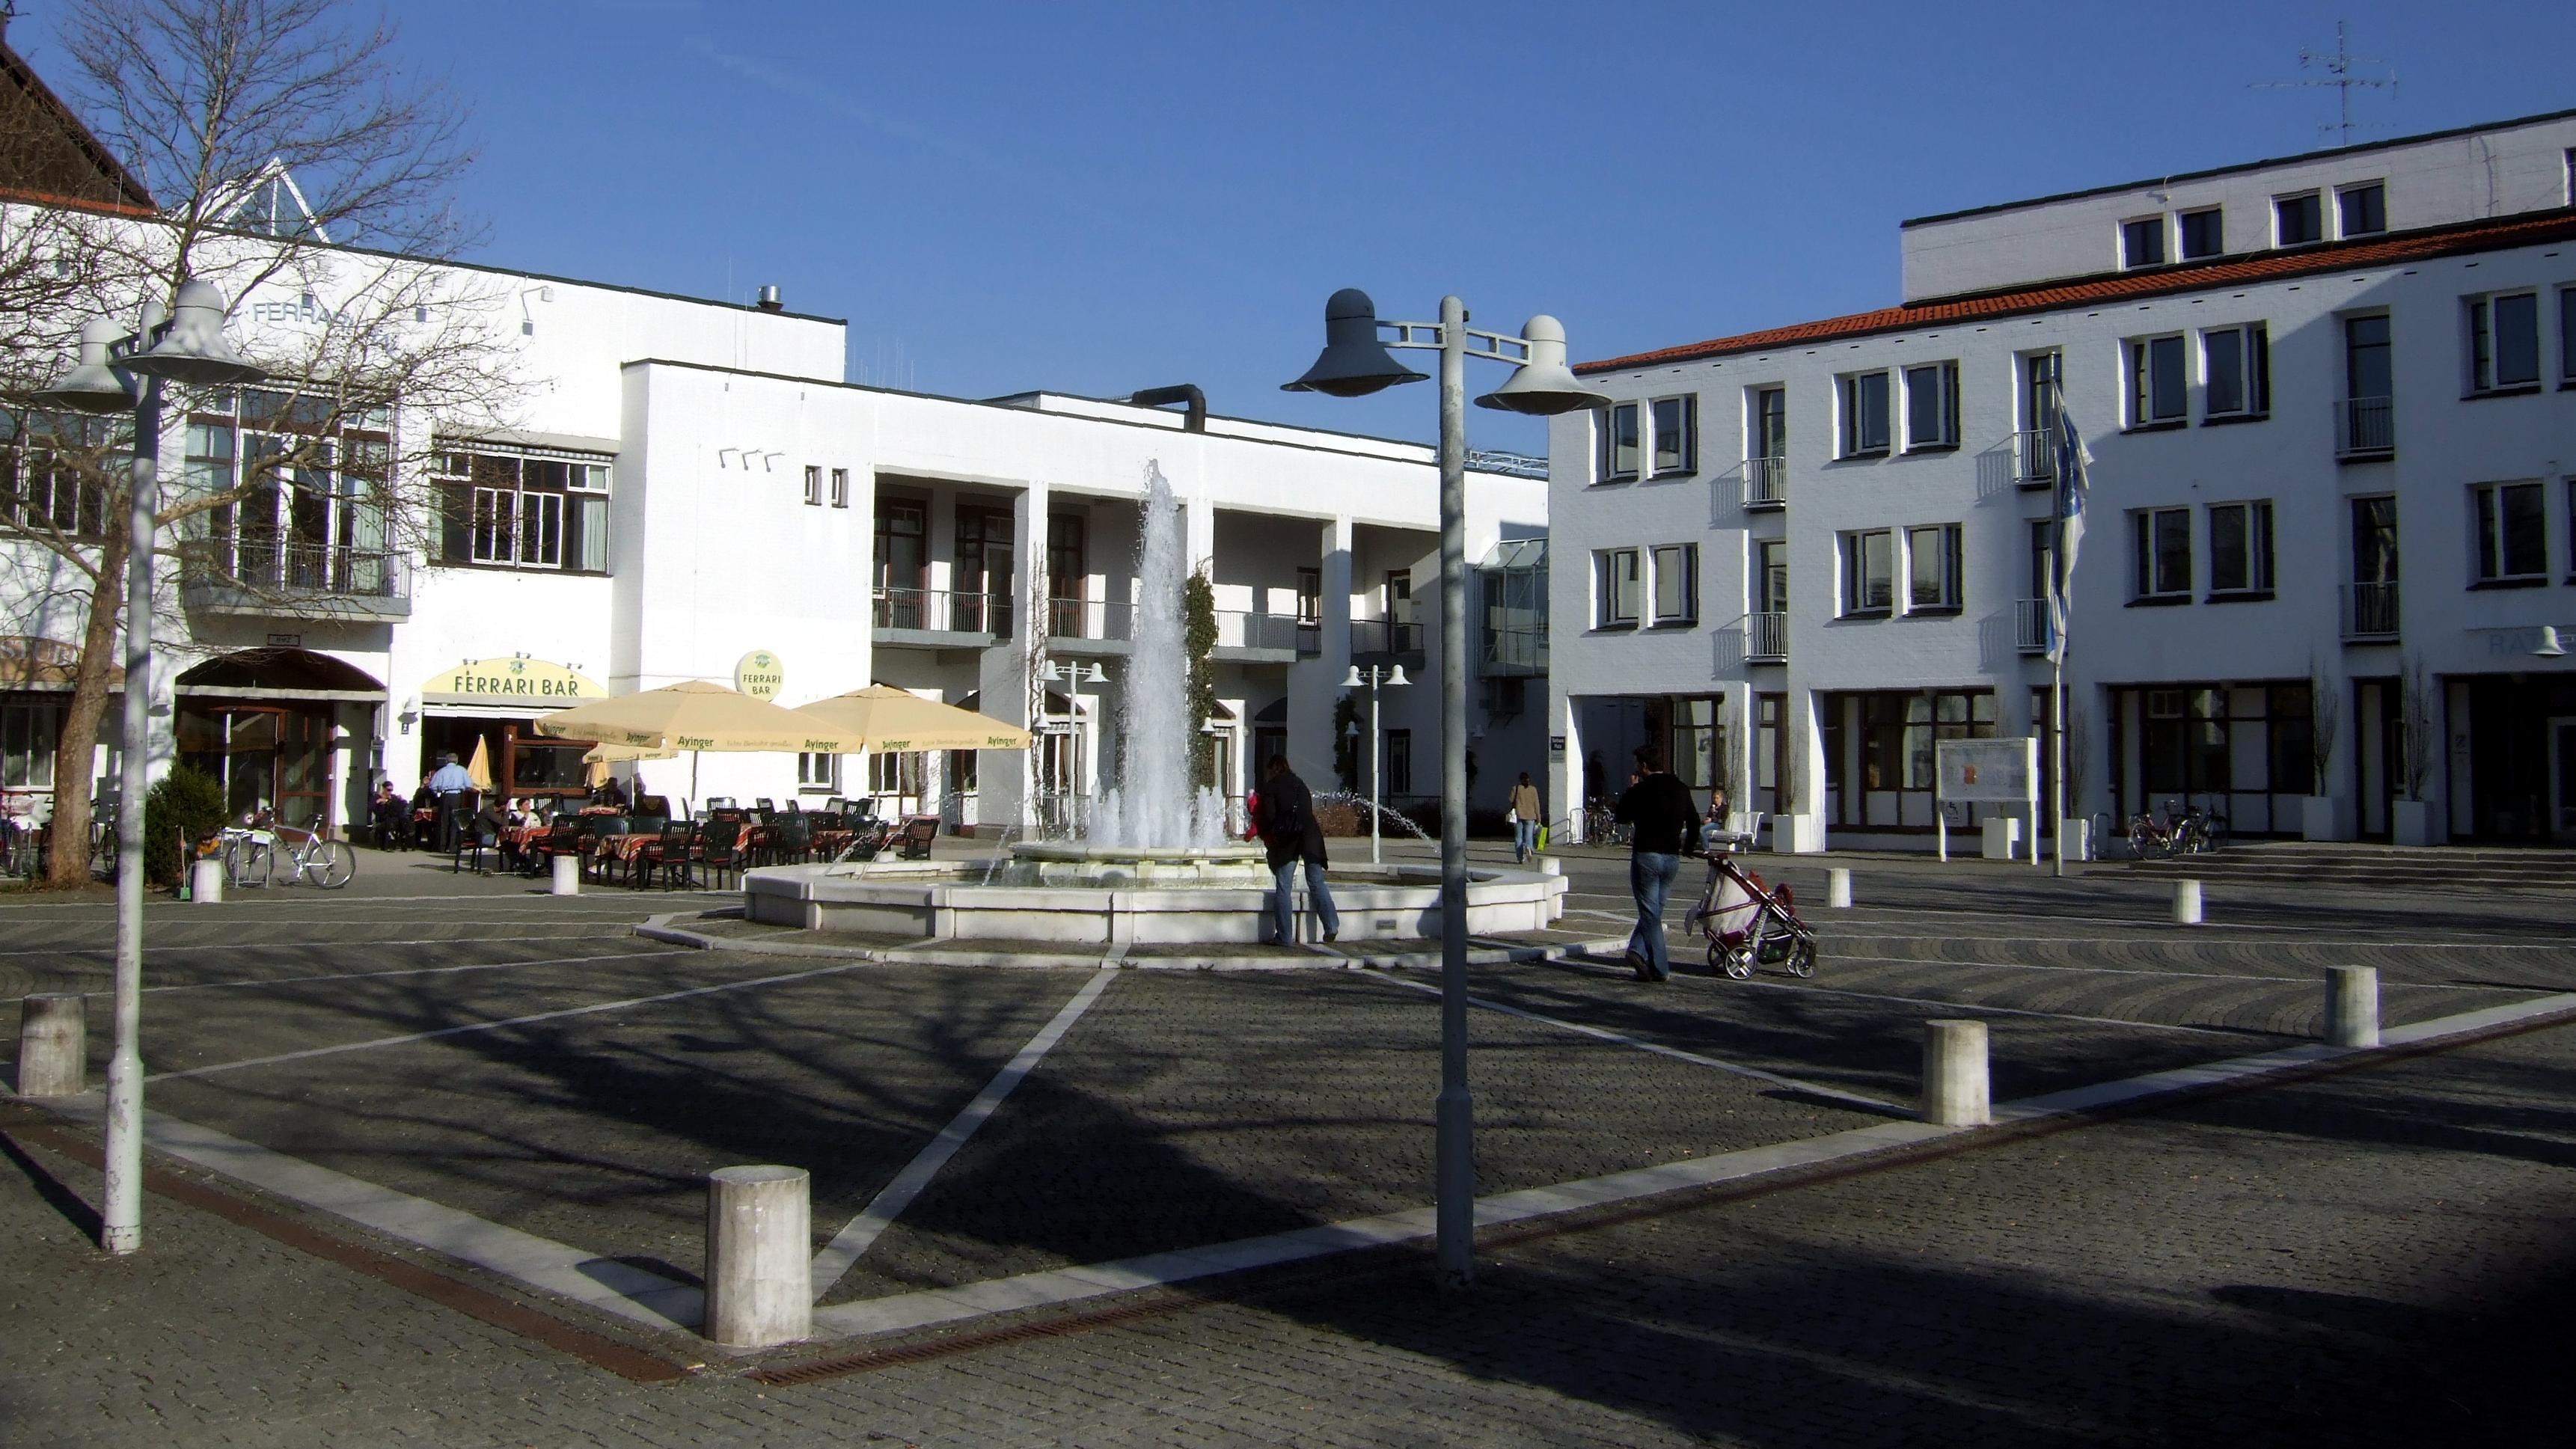 Ottobrunn Kino